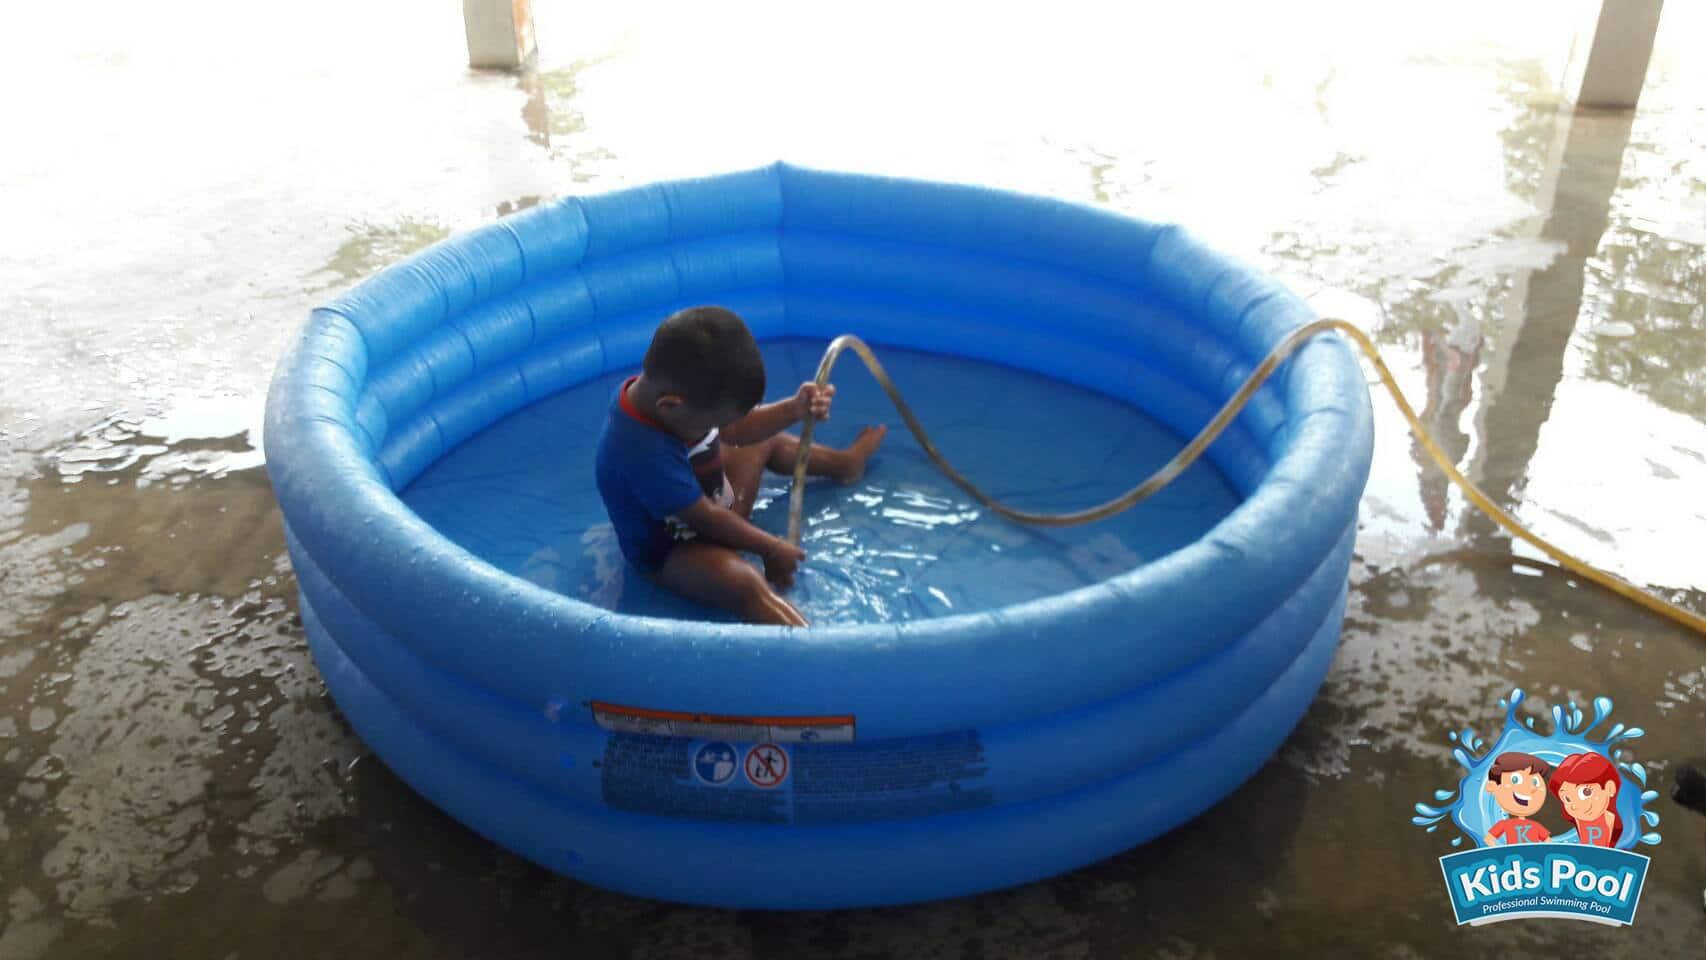 สระน้ำเด็กเป่าลม INTEX 58446